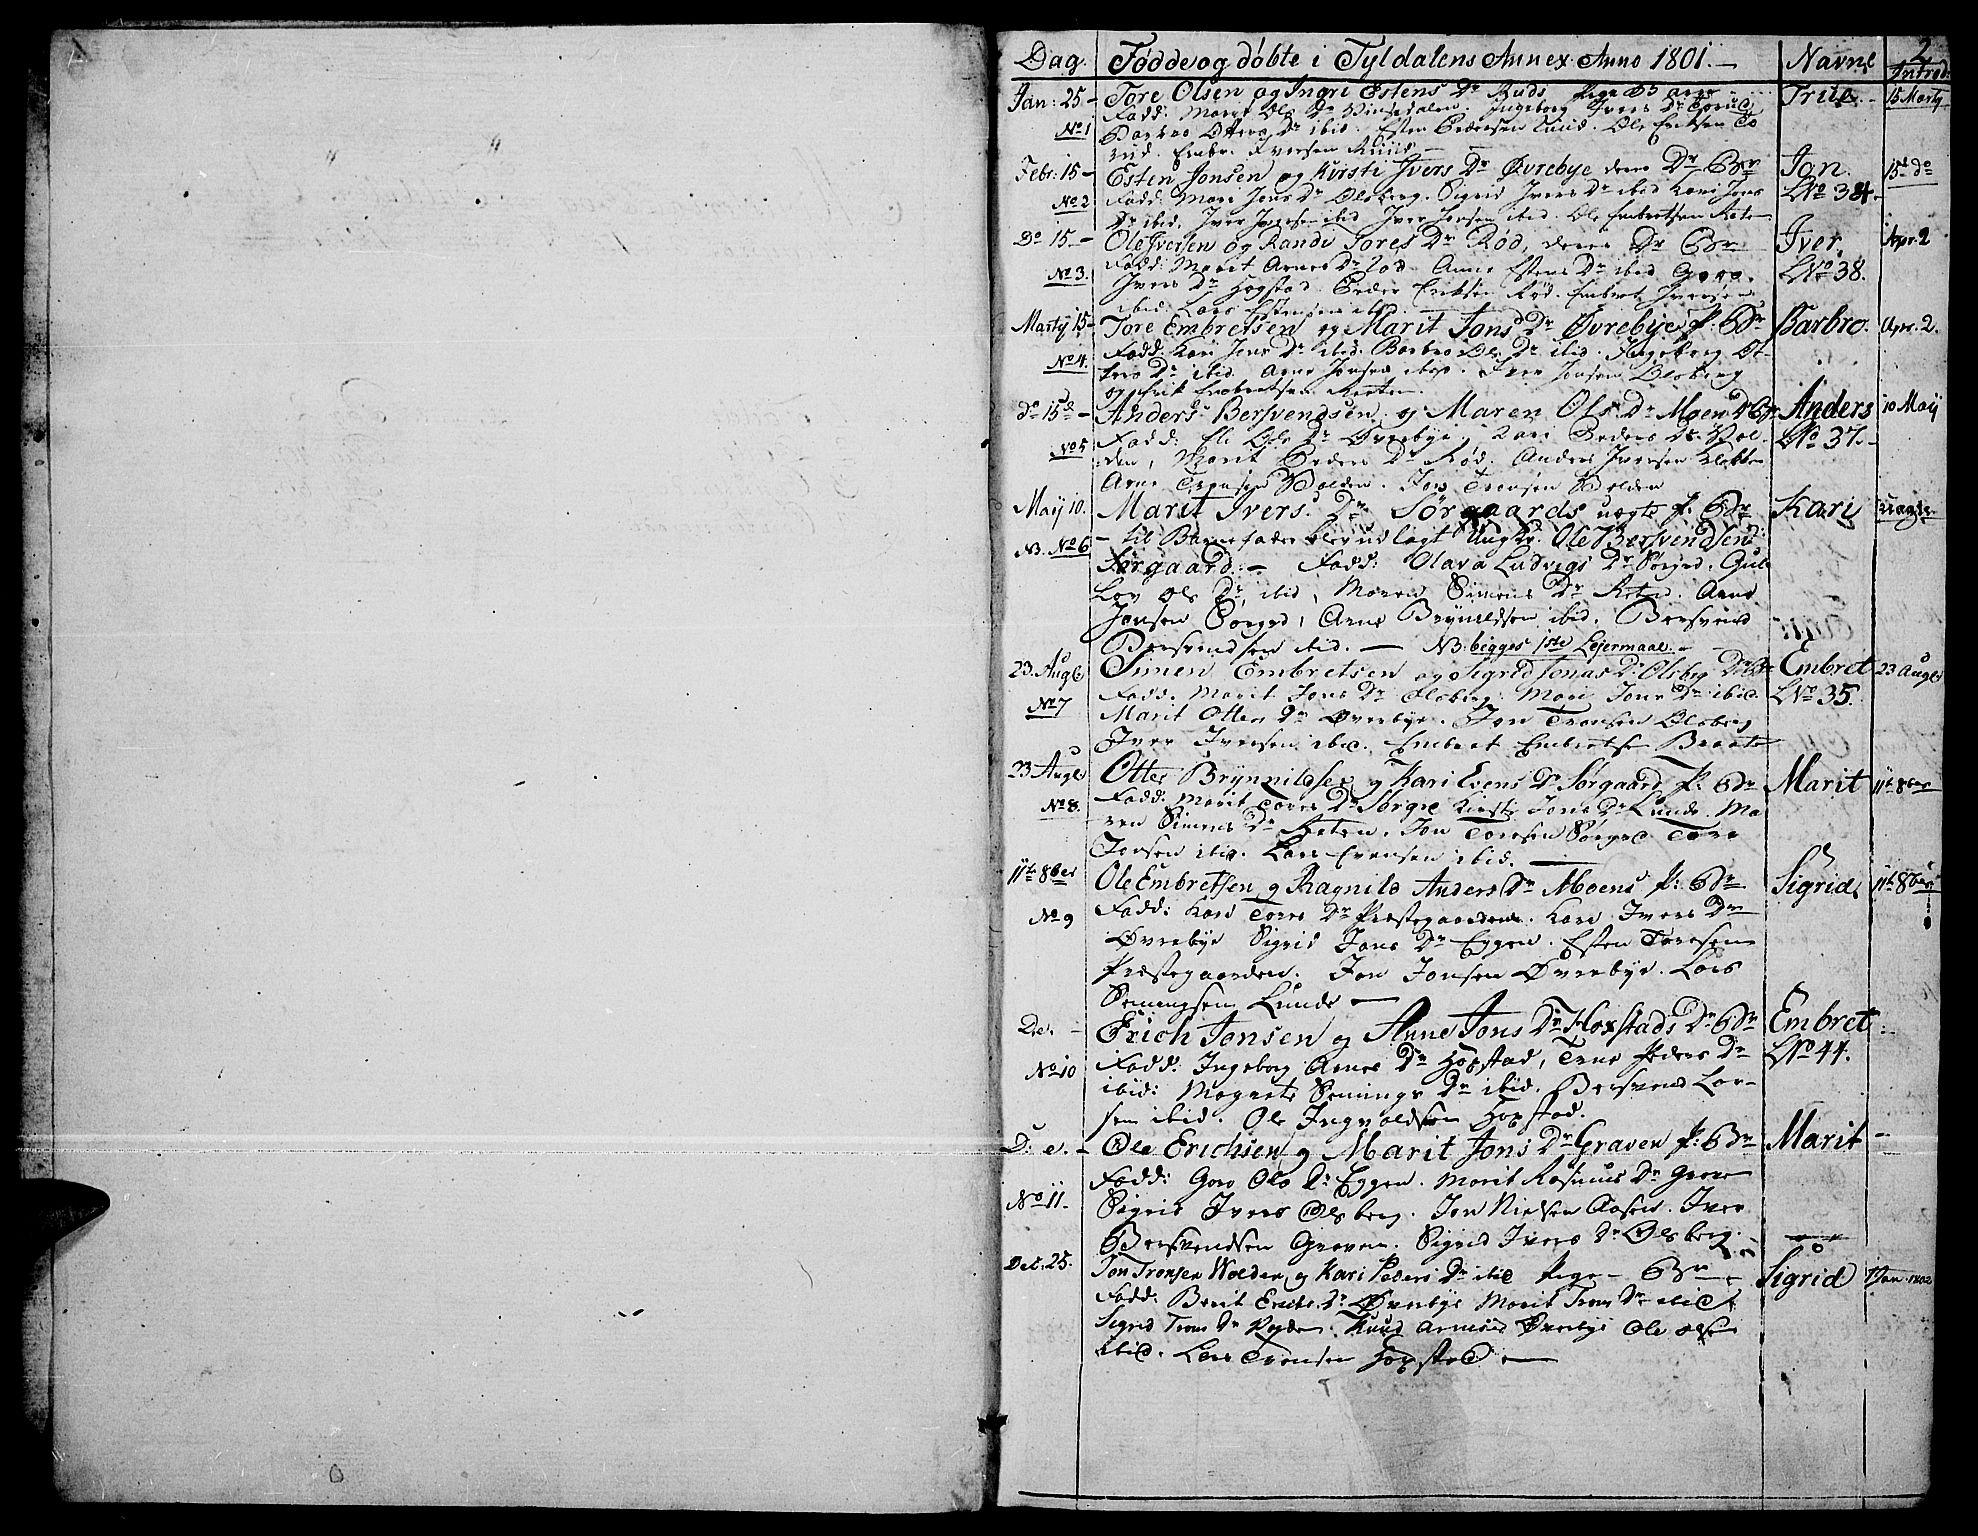 SAH, Tynset prestekontor, Parish register (official) no. 17, 1801-1814, p. 2